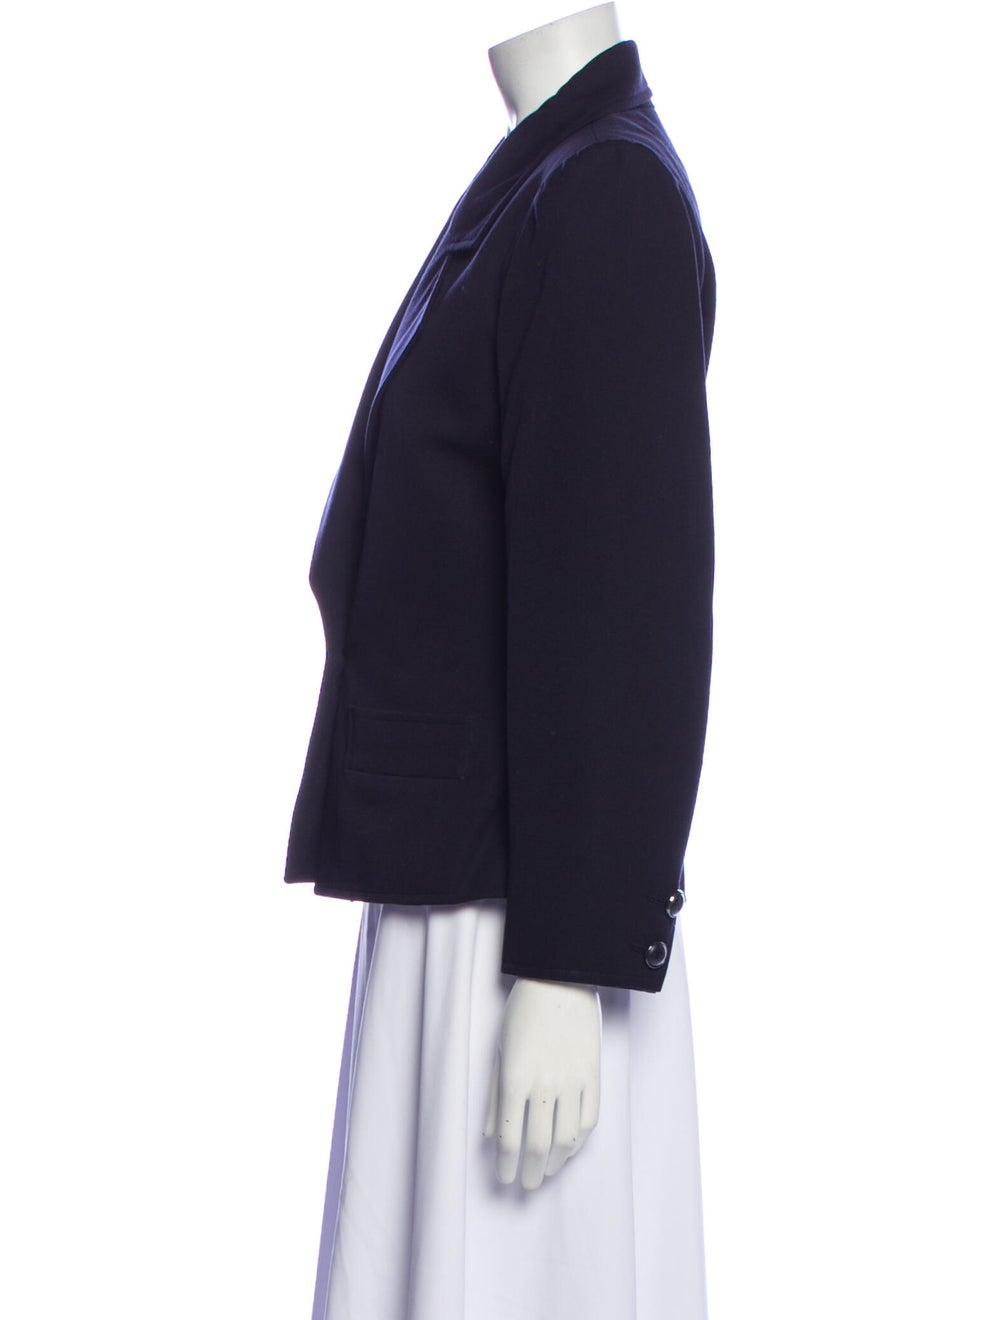 Yves Saint Laurent Rive Gauche Vintage Blazer Blue - image 2